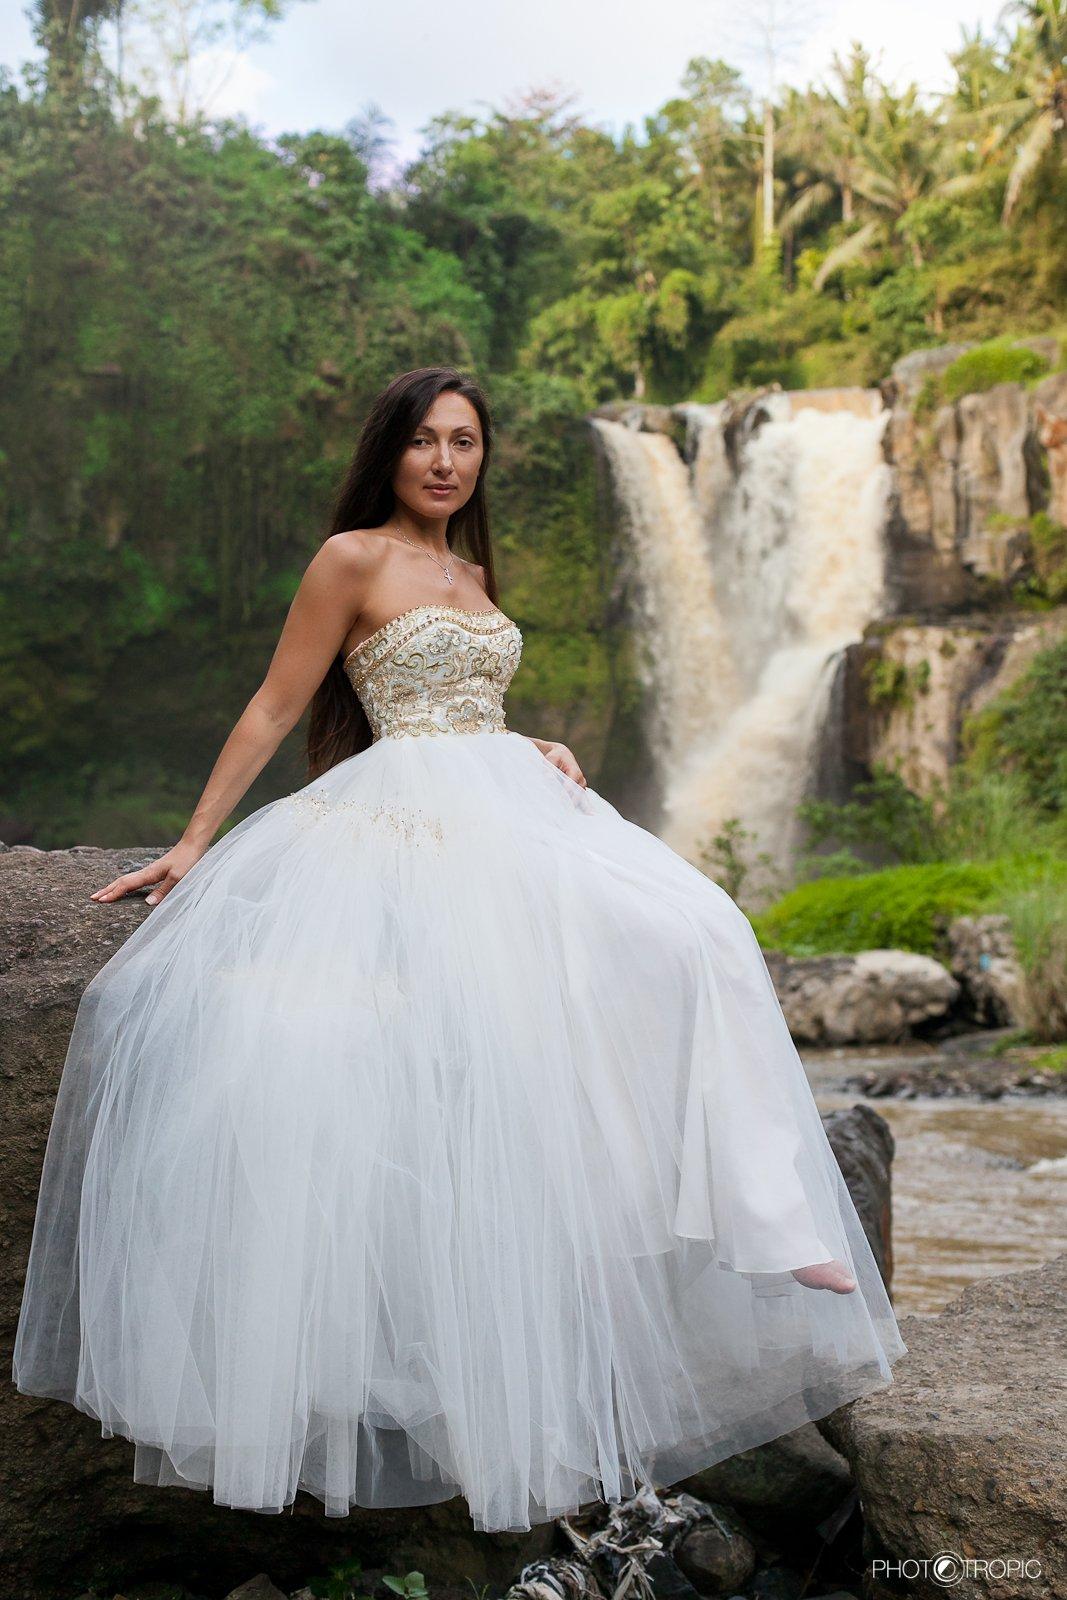 путешествие, свадьба, невеста, образ, девушка, платье, елен цай, elen tsay, бали, wedding, счастьее, нежность, любовь, азиатка, грация, красота, водопад, культура, традиции, Japan